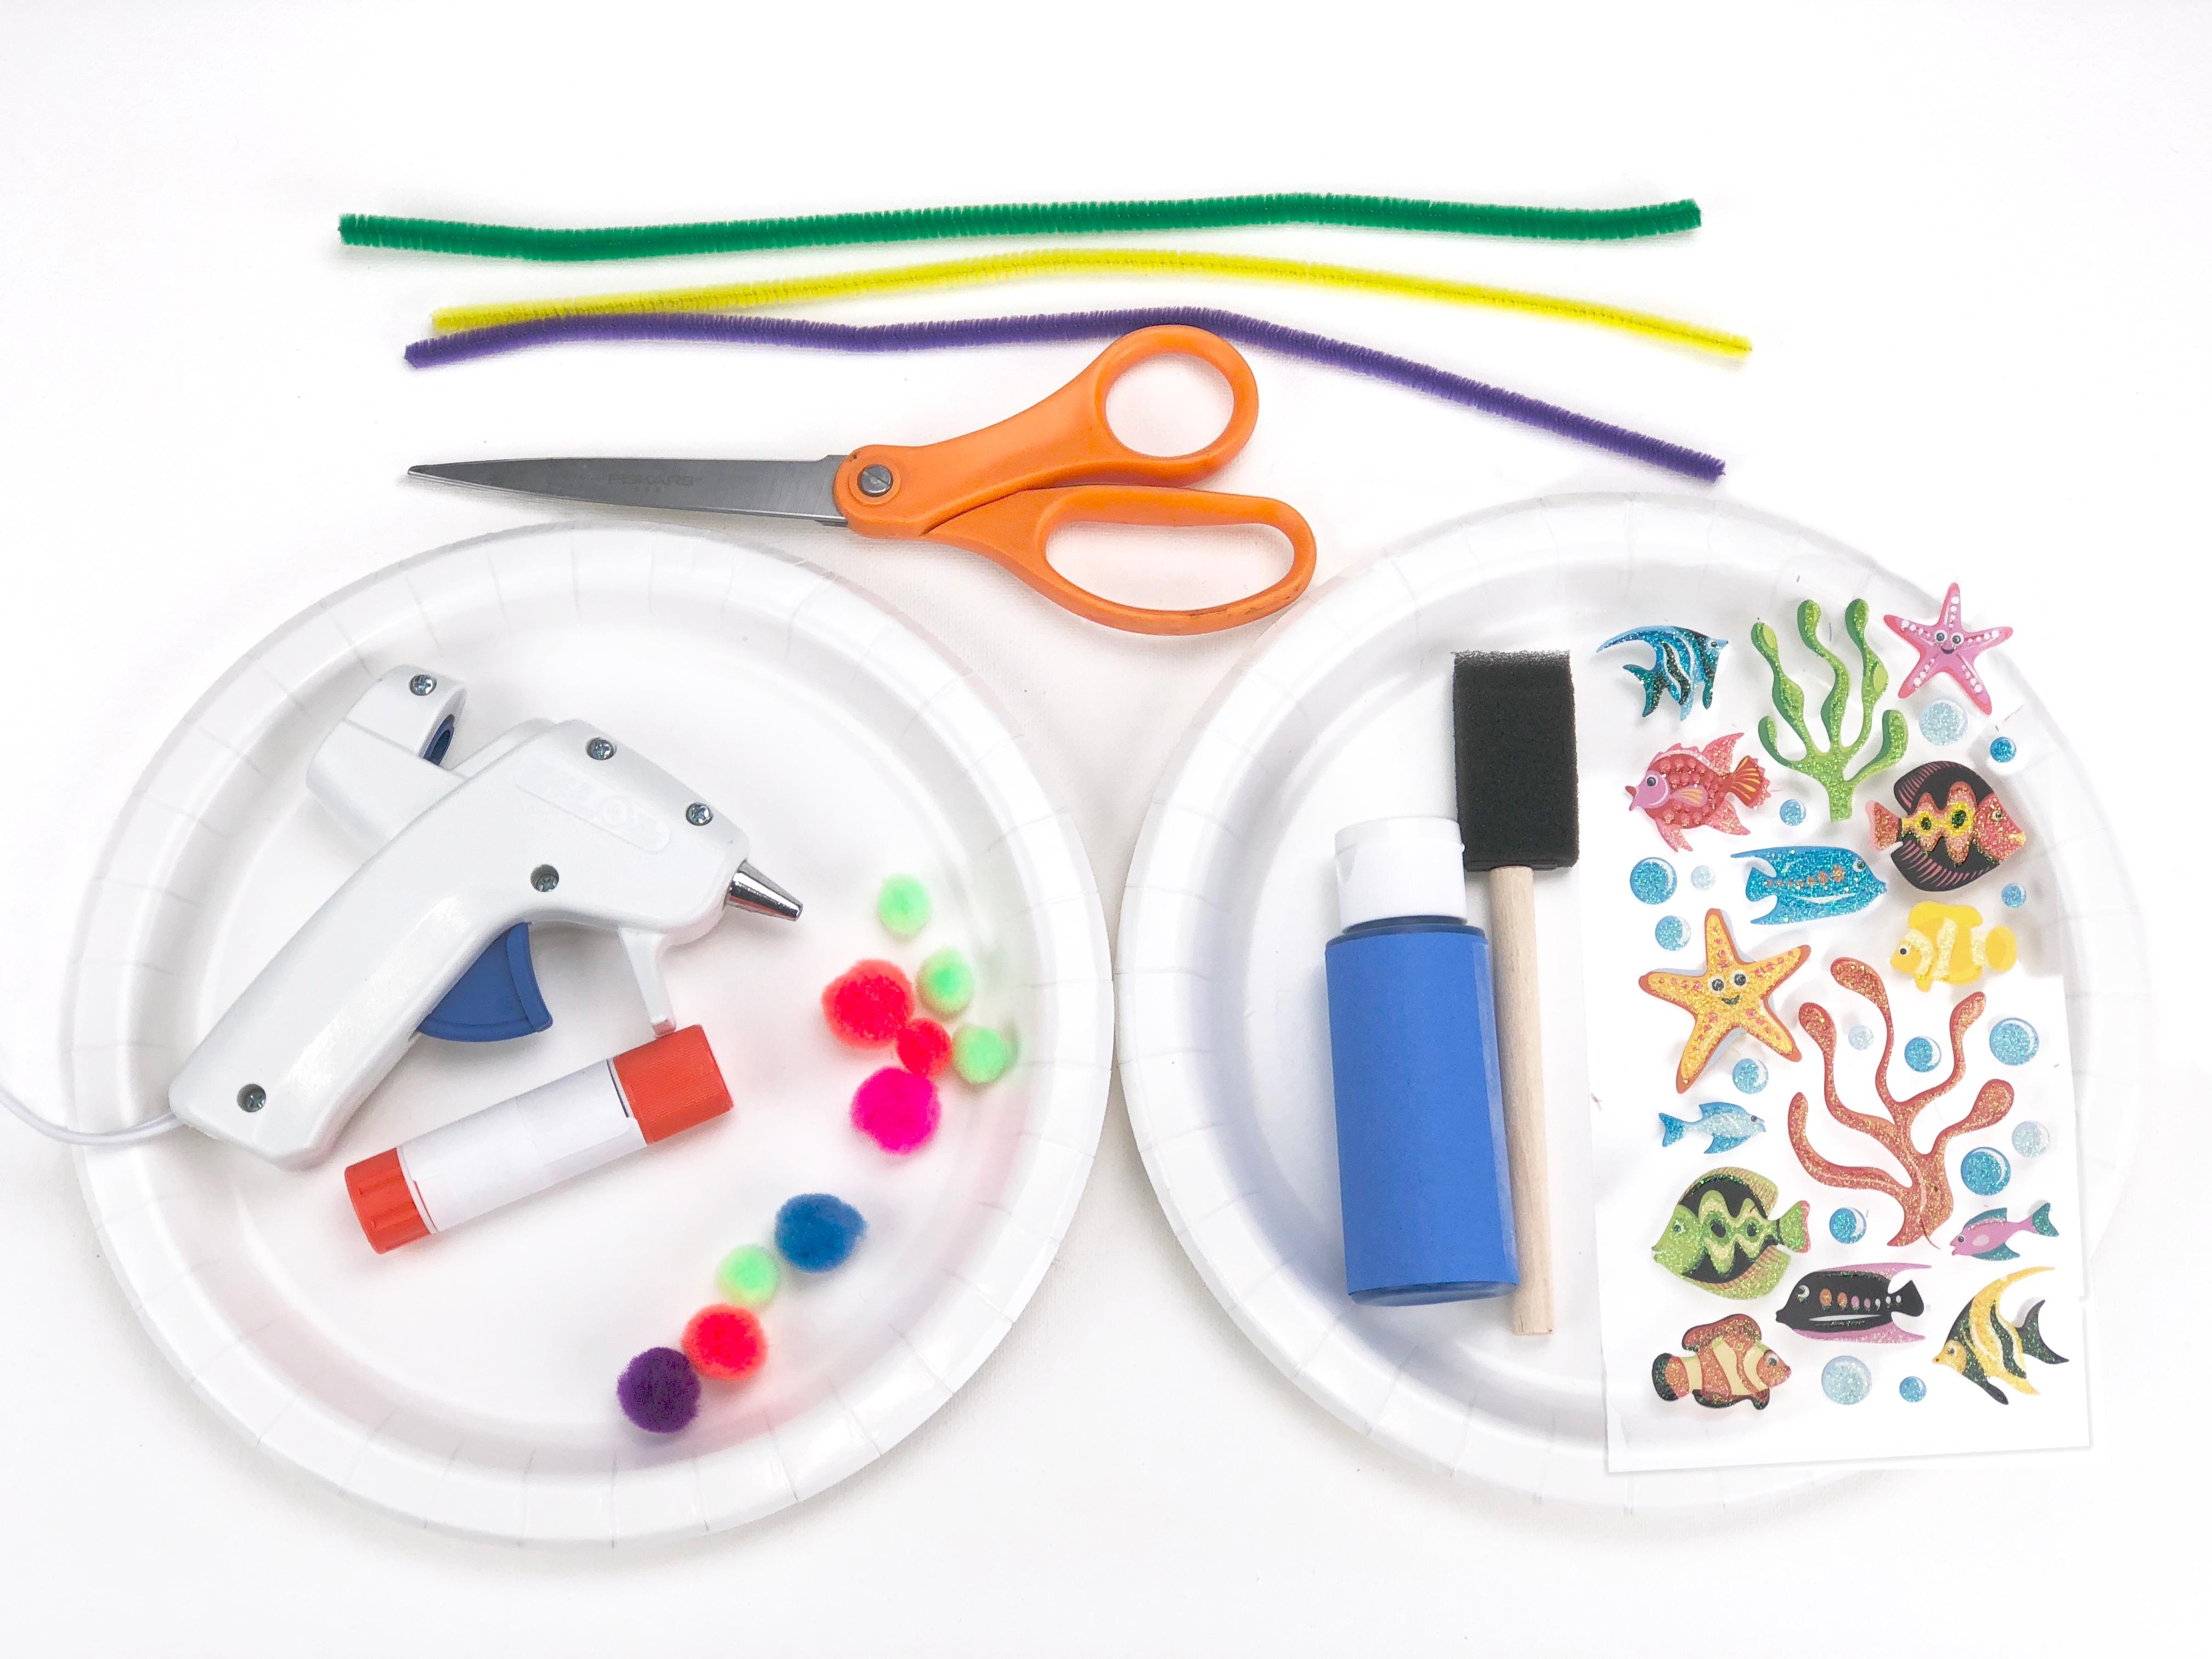 Underwater Sea Craft materials